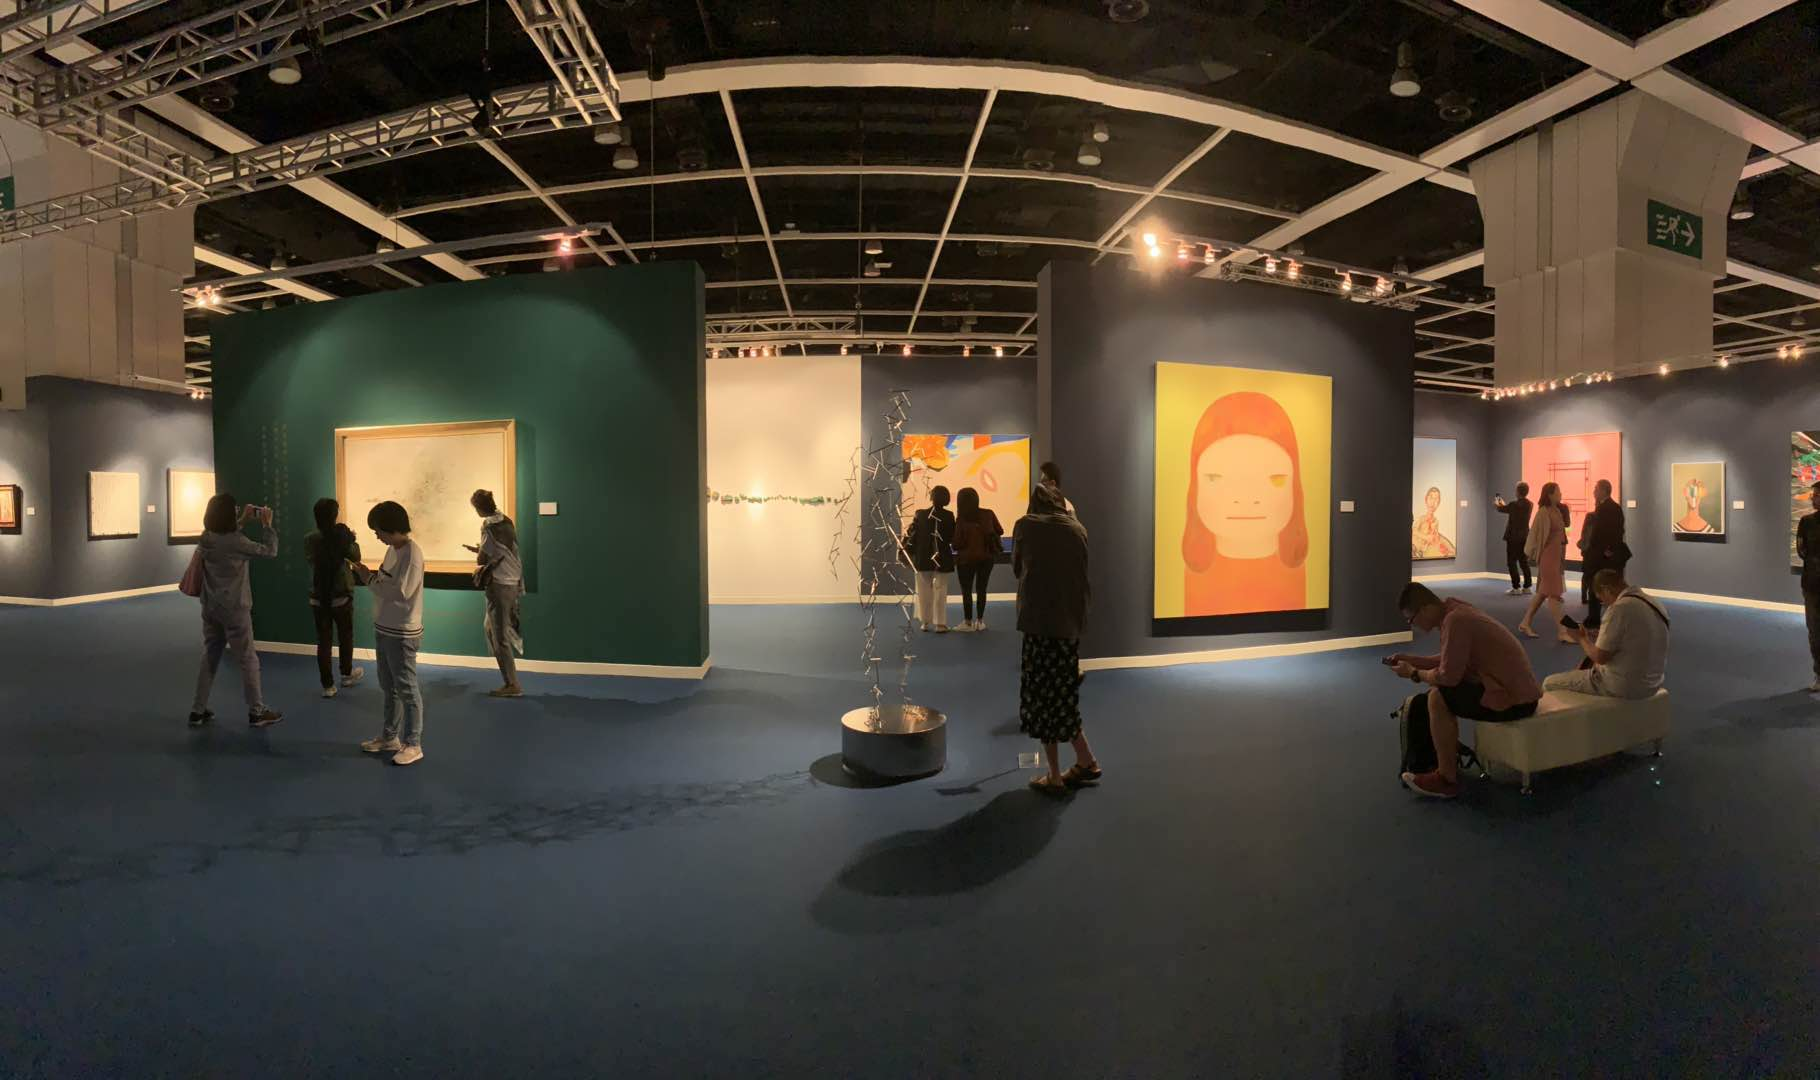 收藏入门:新藏家参加艺术品拍卖前需要做哪些准备?